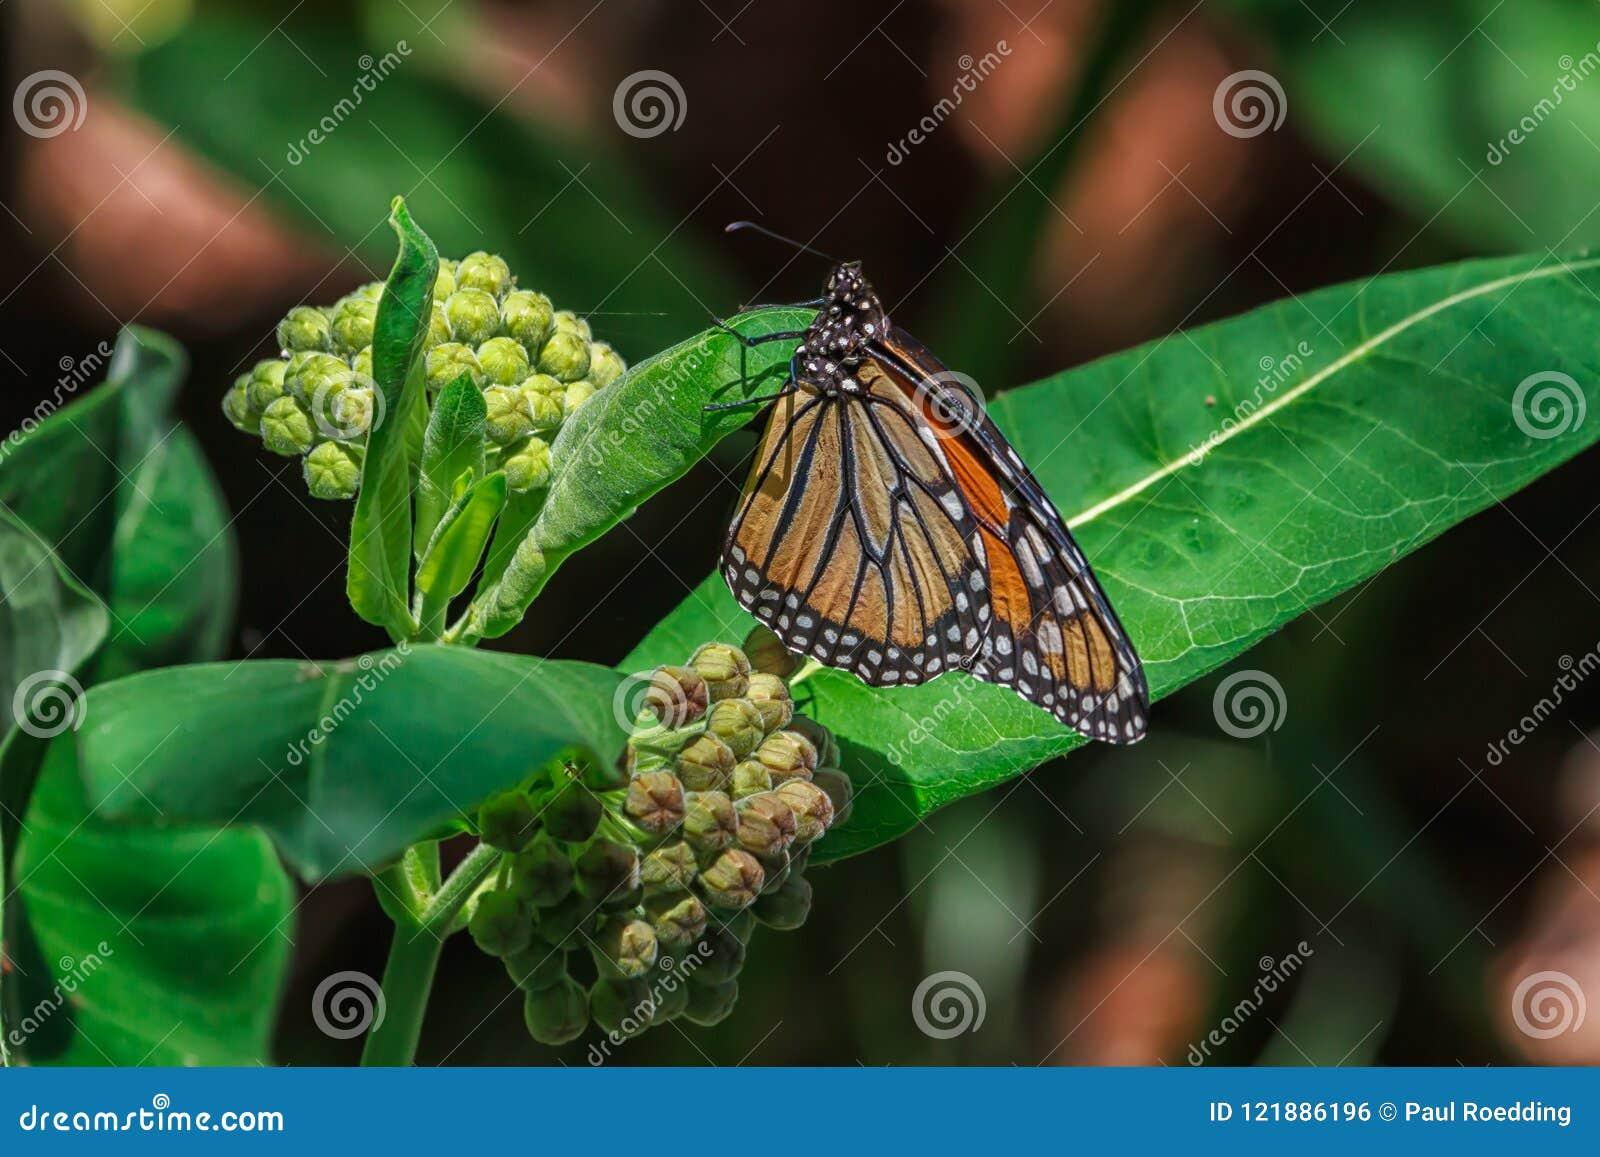 Butterfli es, passend zusammen